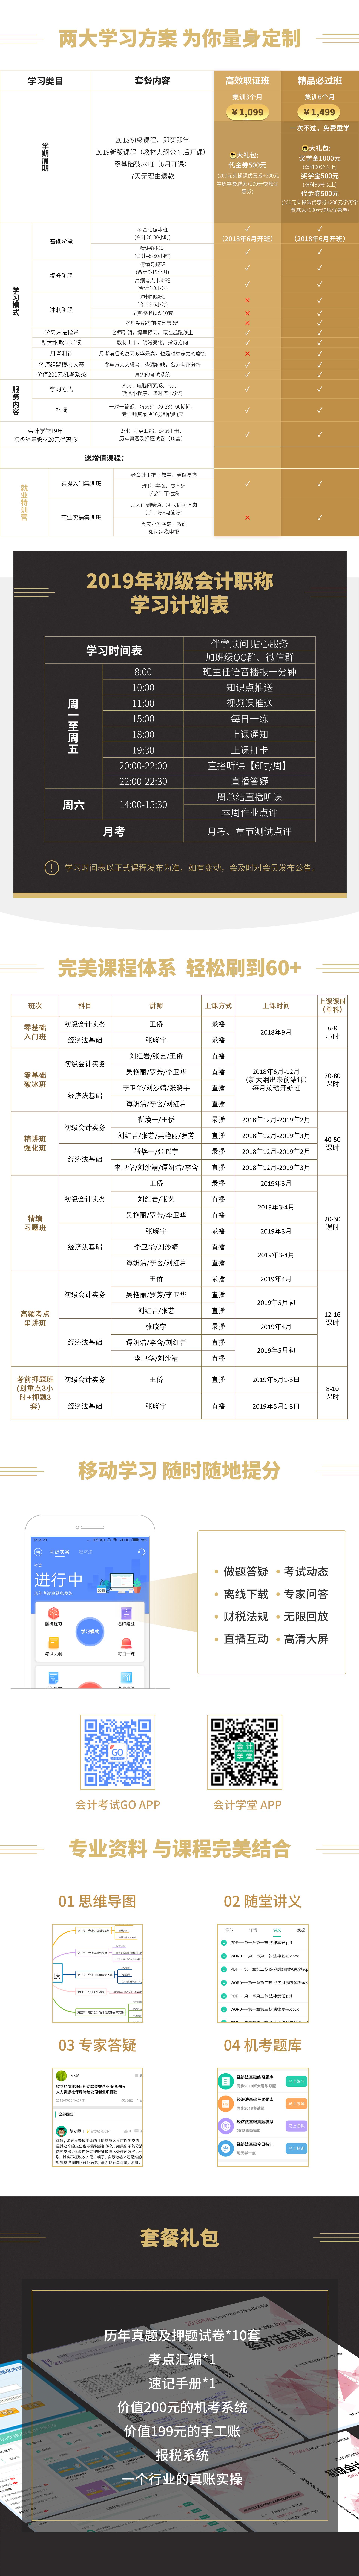 520长图-安连9月12号修改.jpg